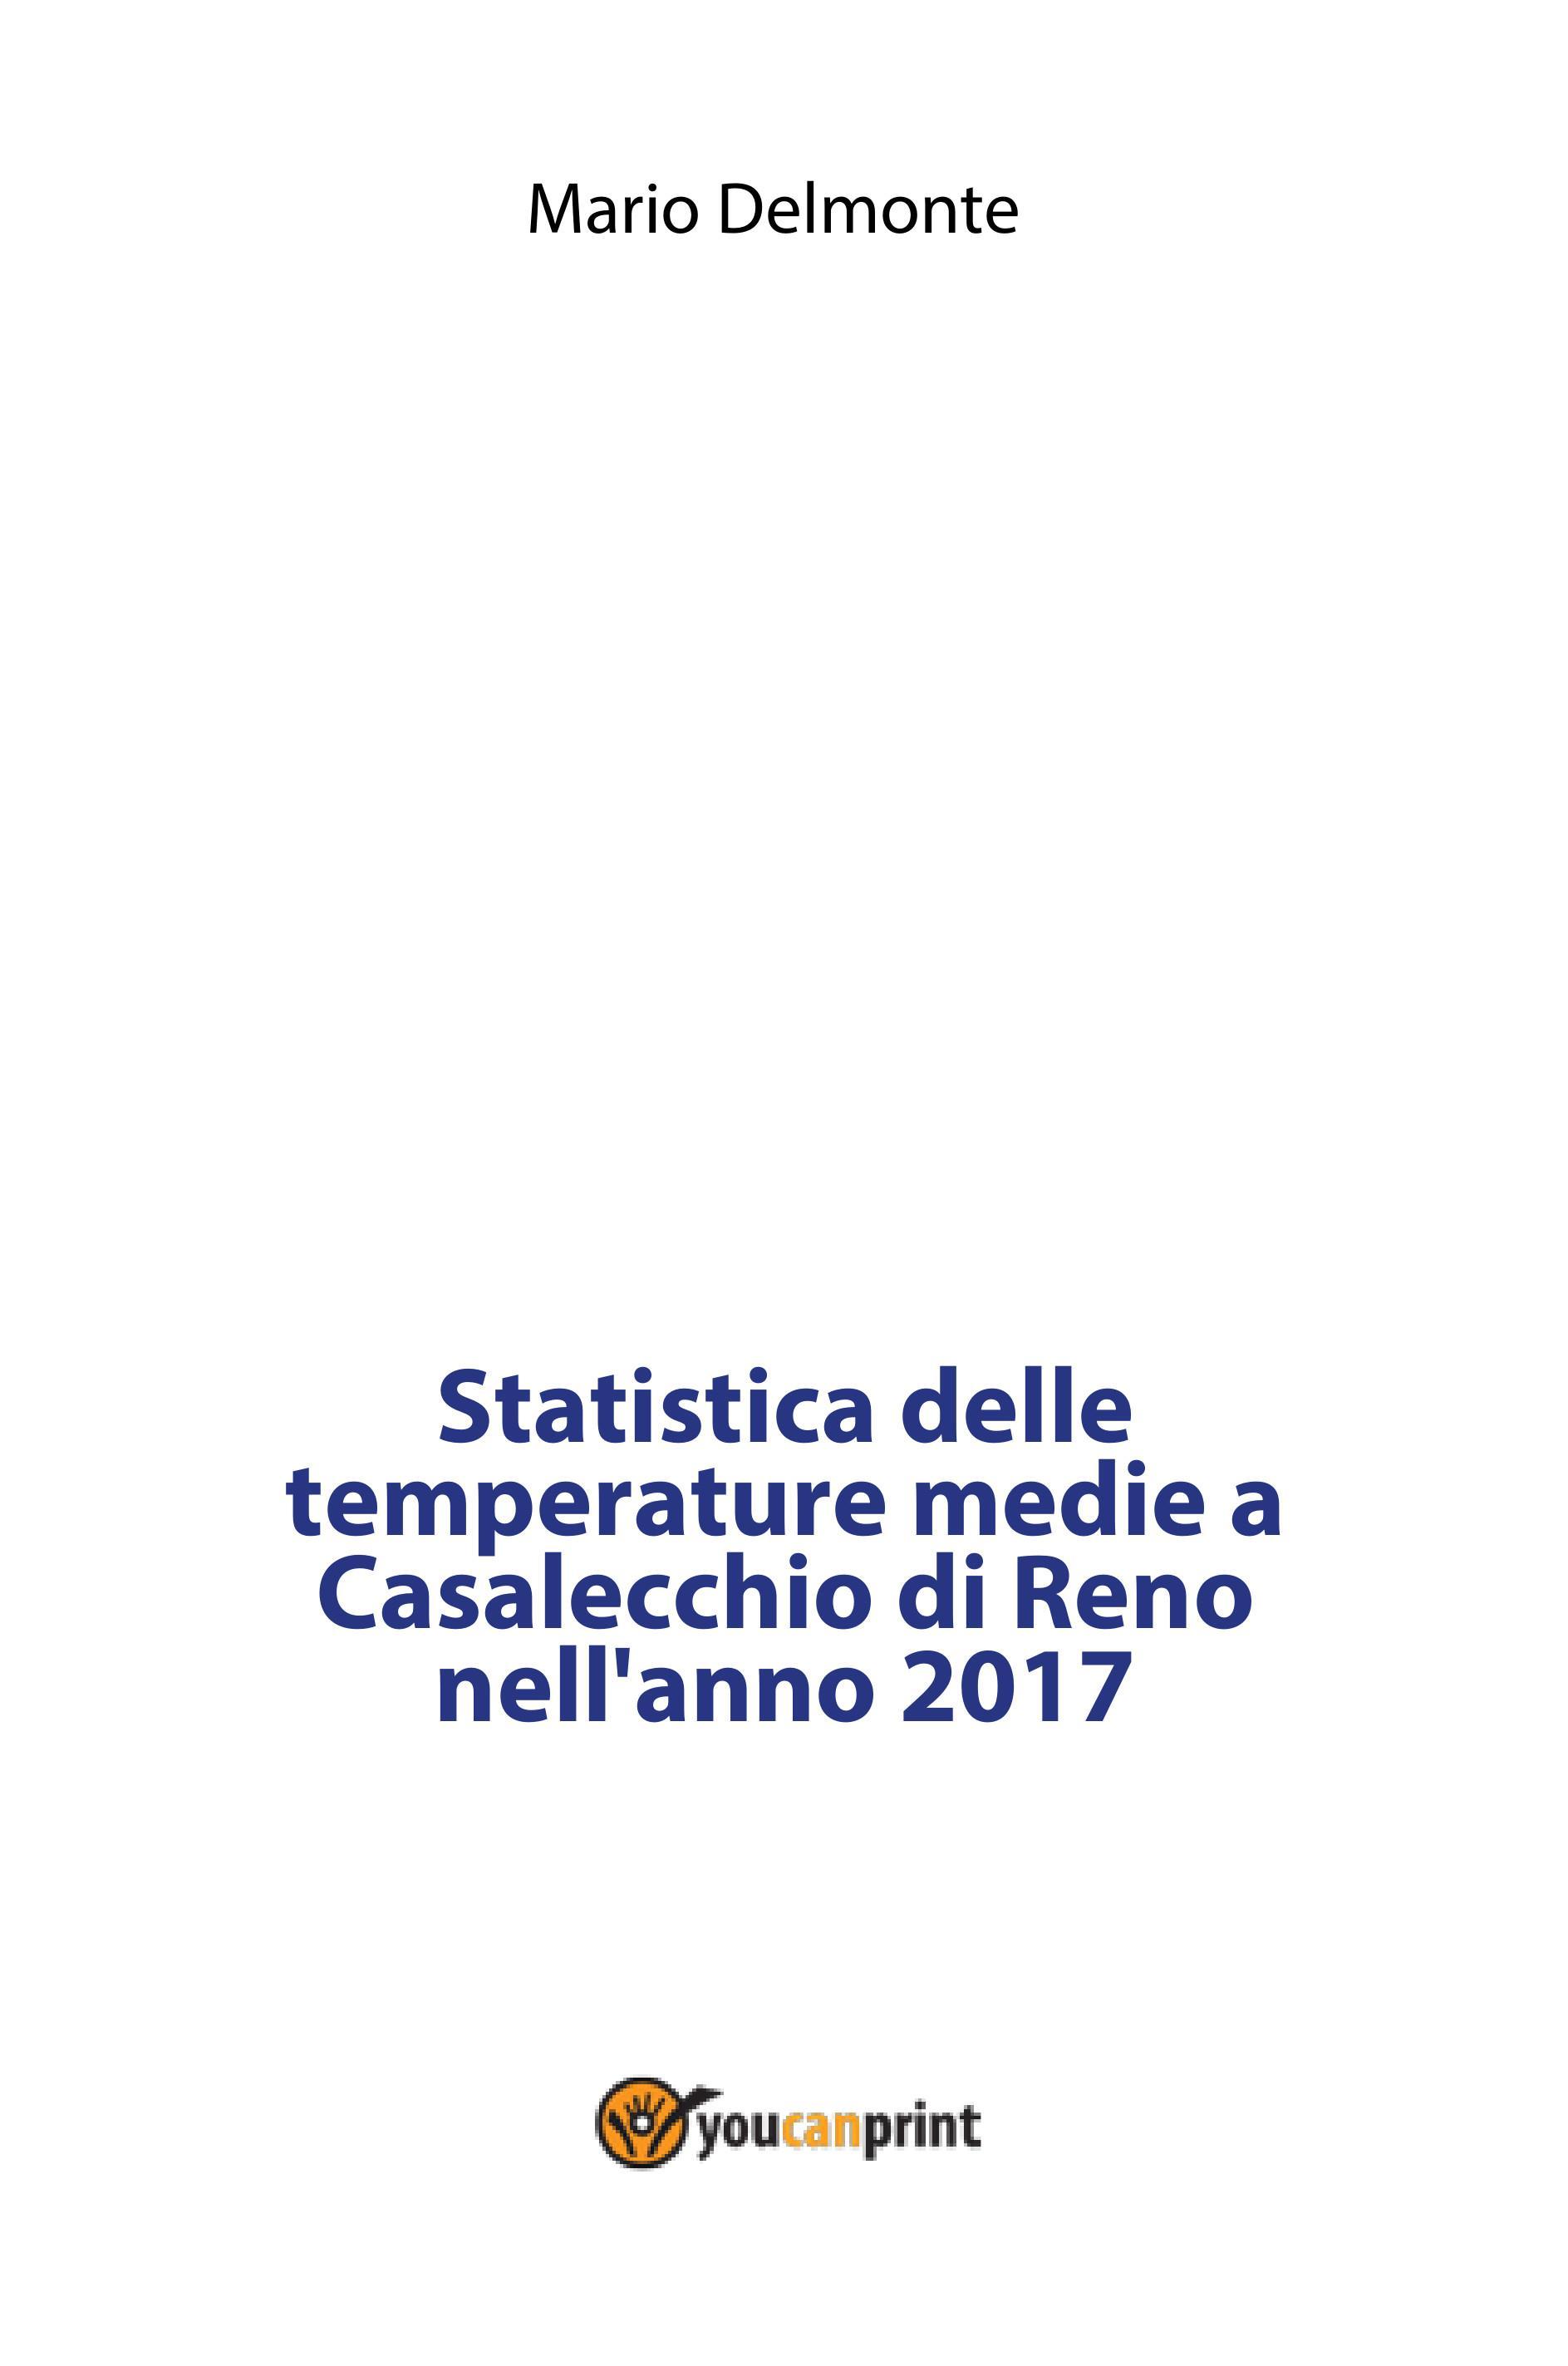 Statistica delle temperature medie a Casalecchio di Reno nell'anno 2017